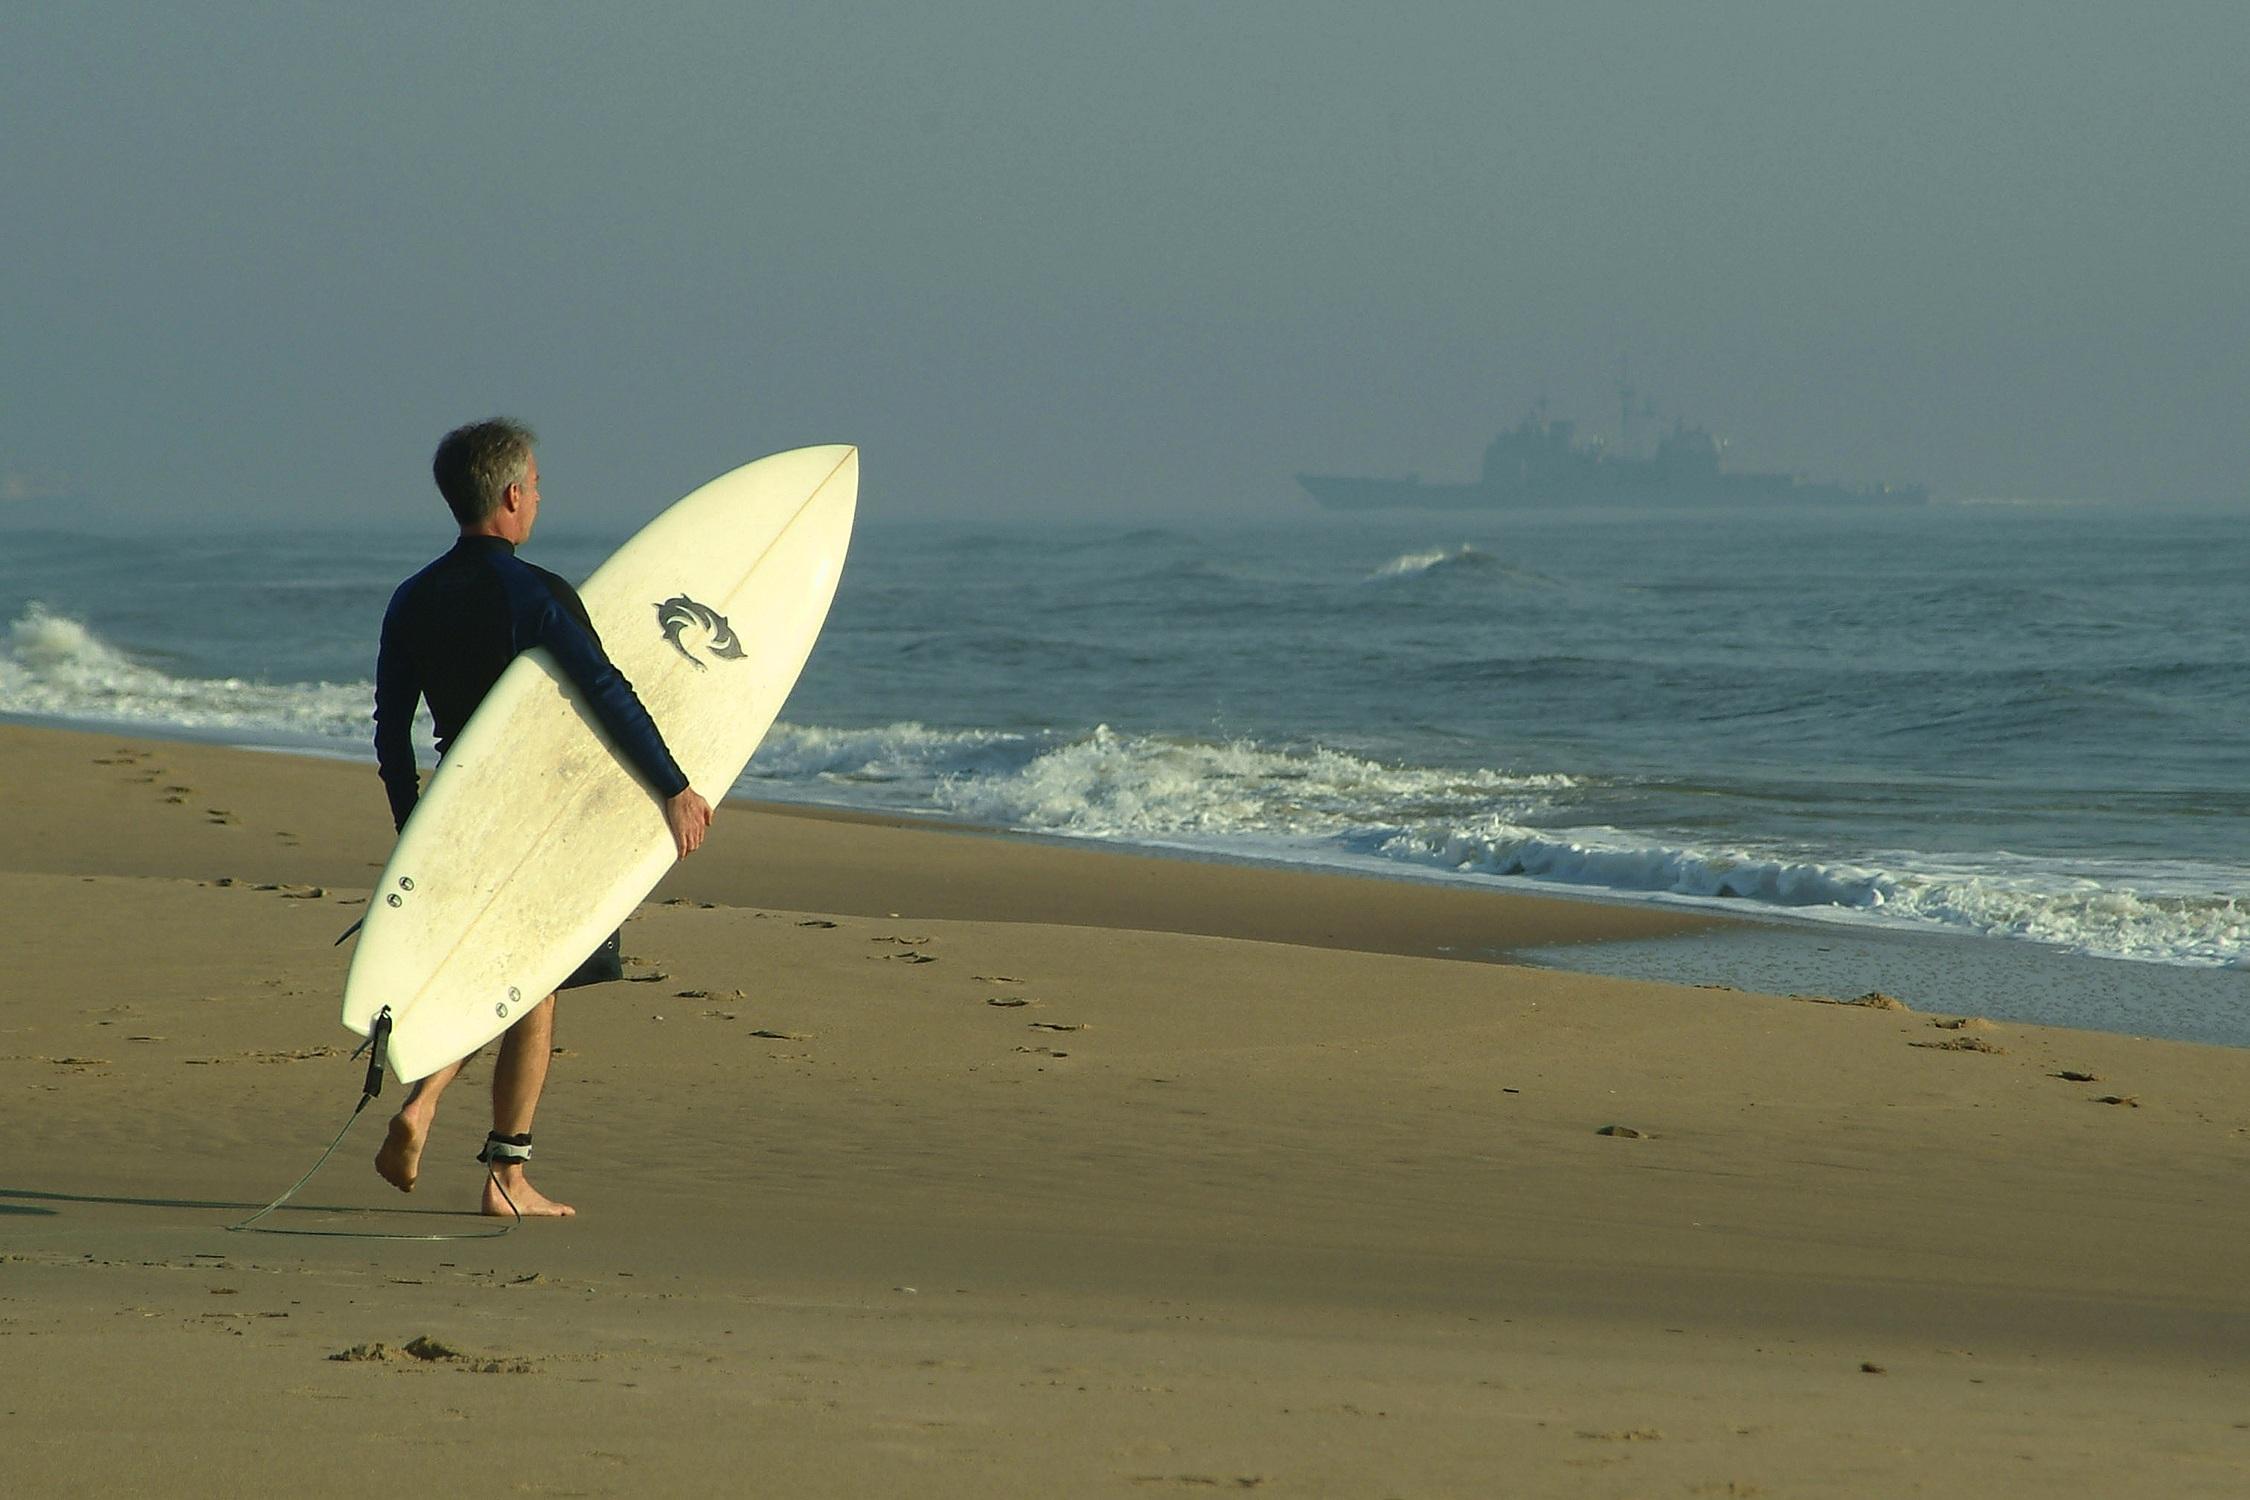 Surfing Entrepreneur